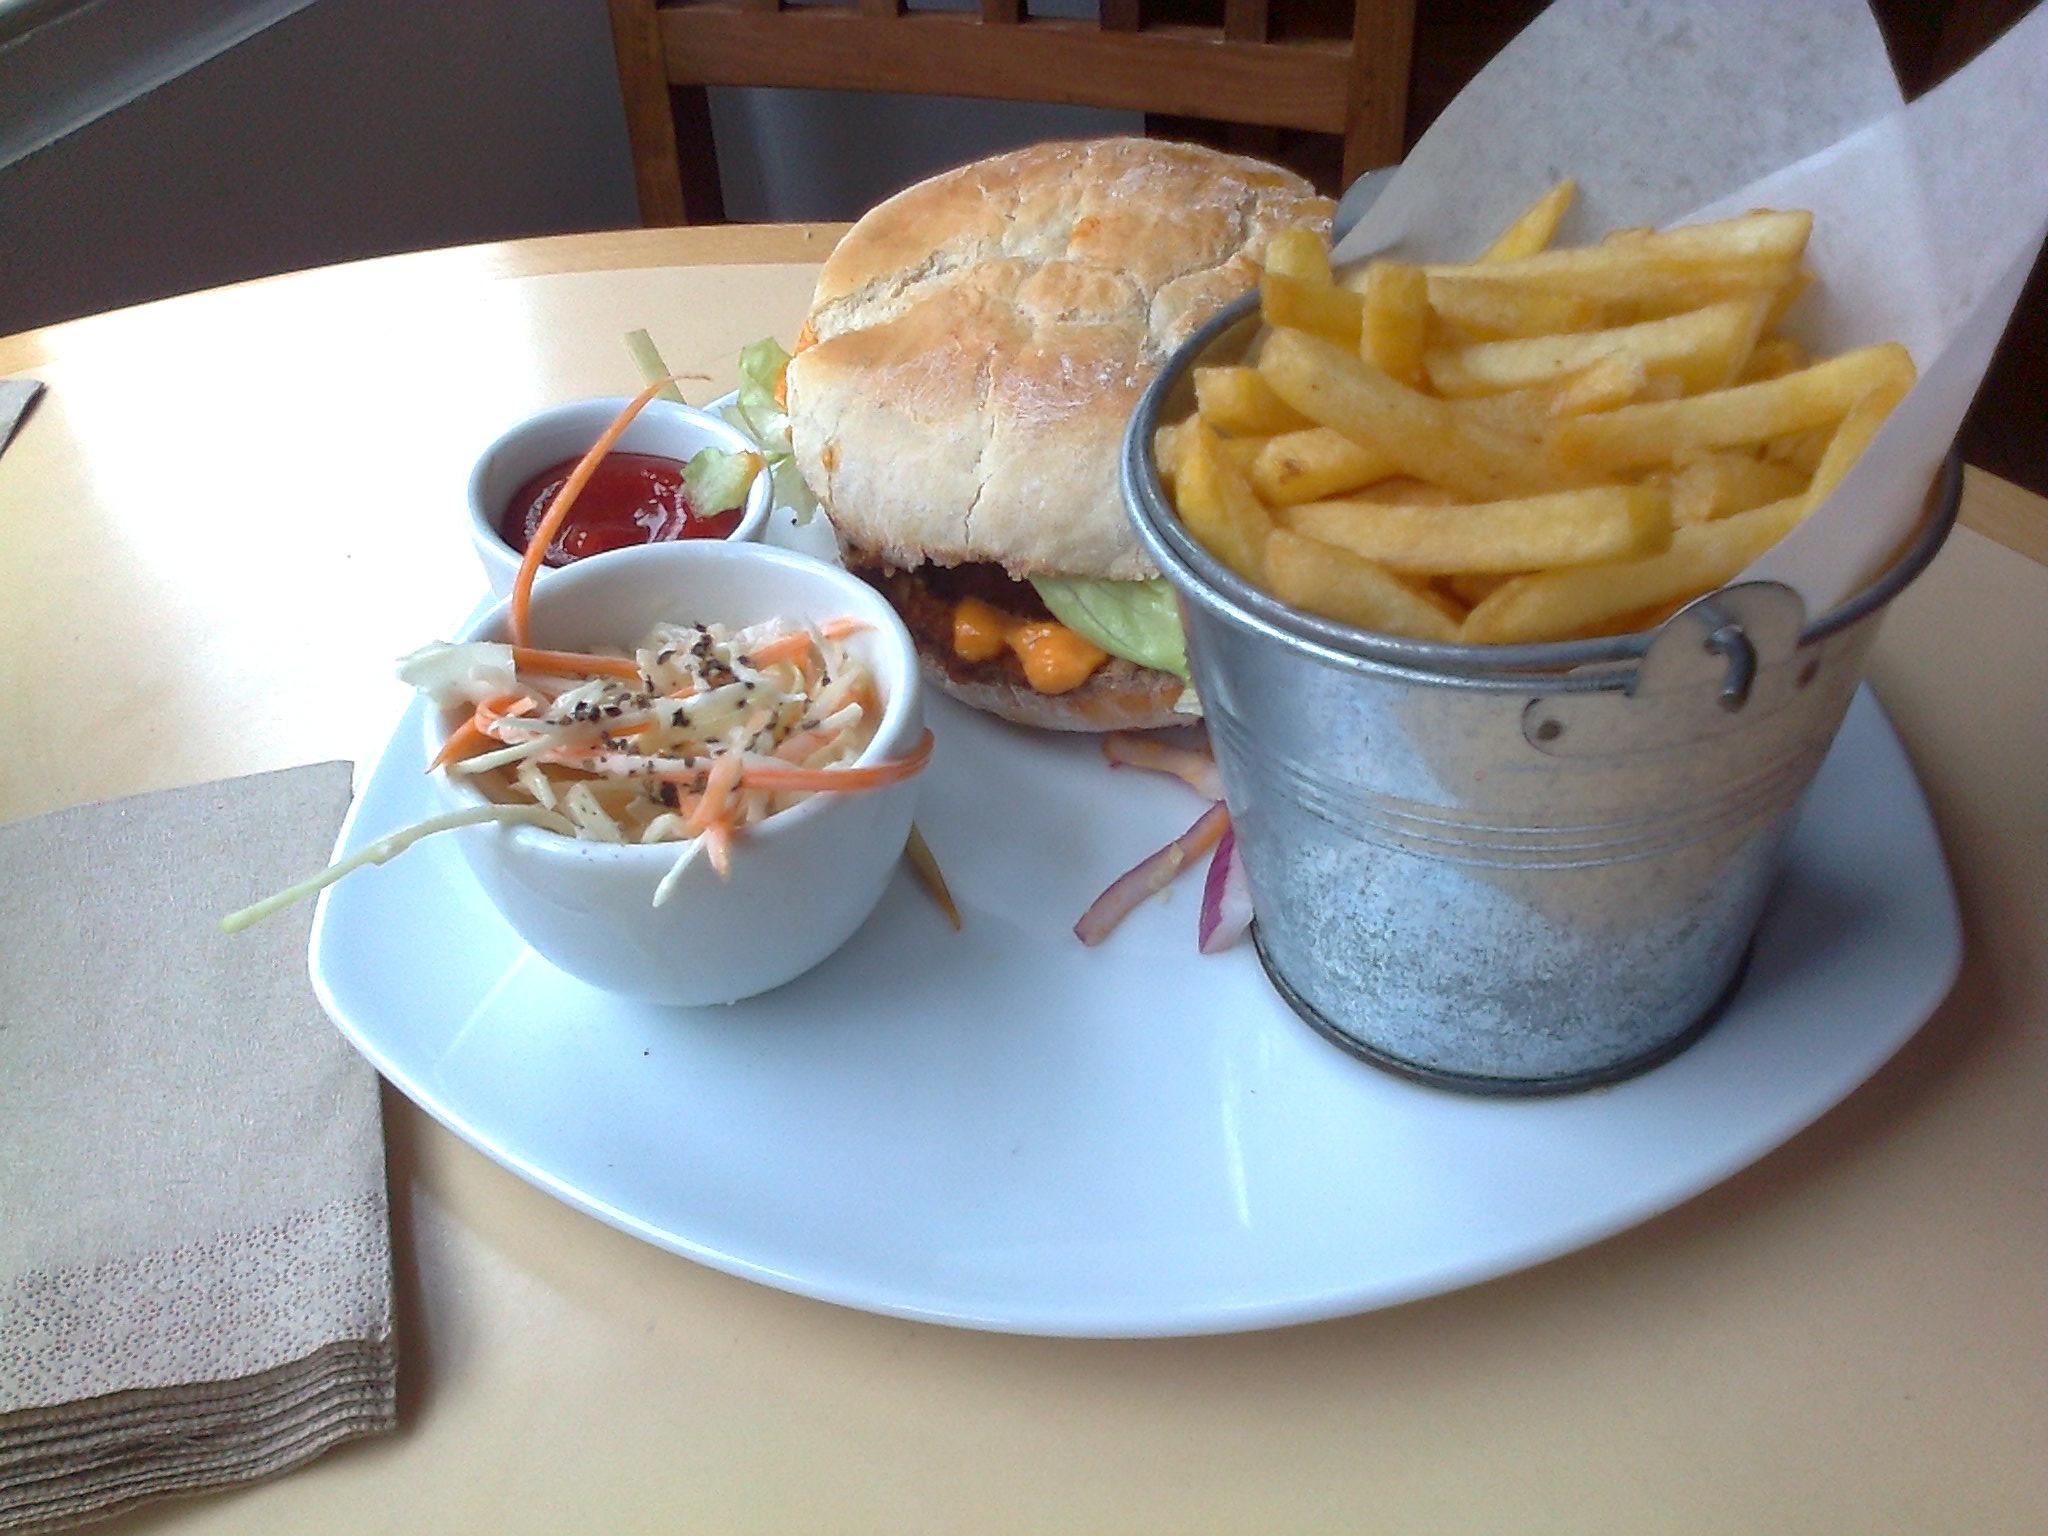 vegan burger and fries at VBites